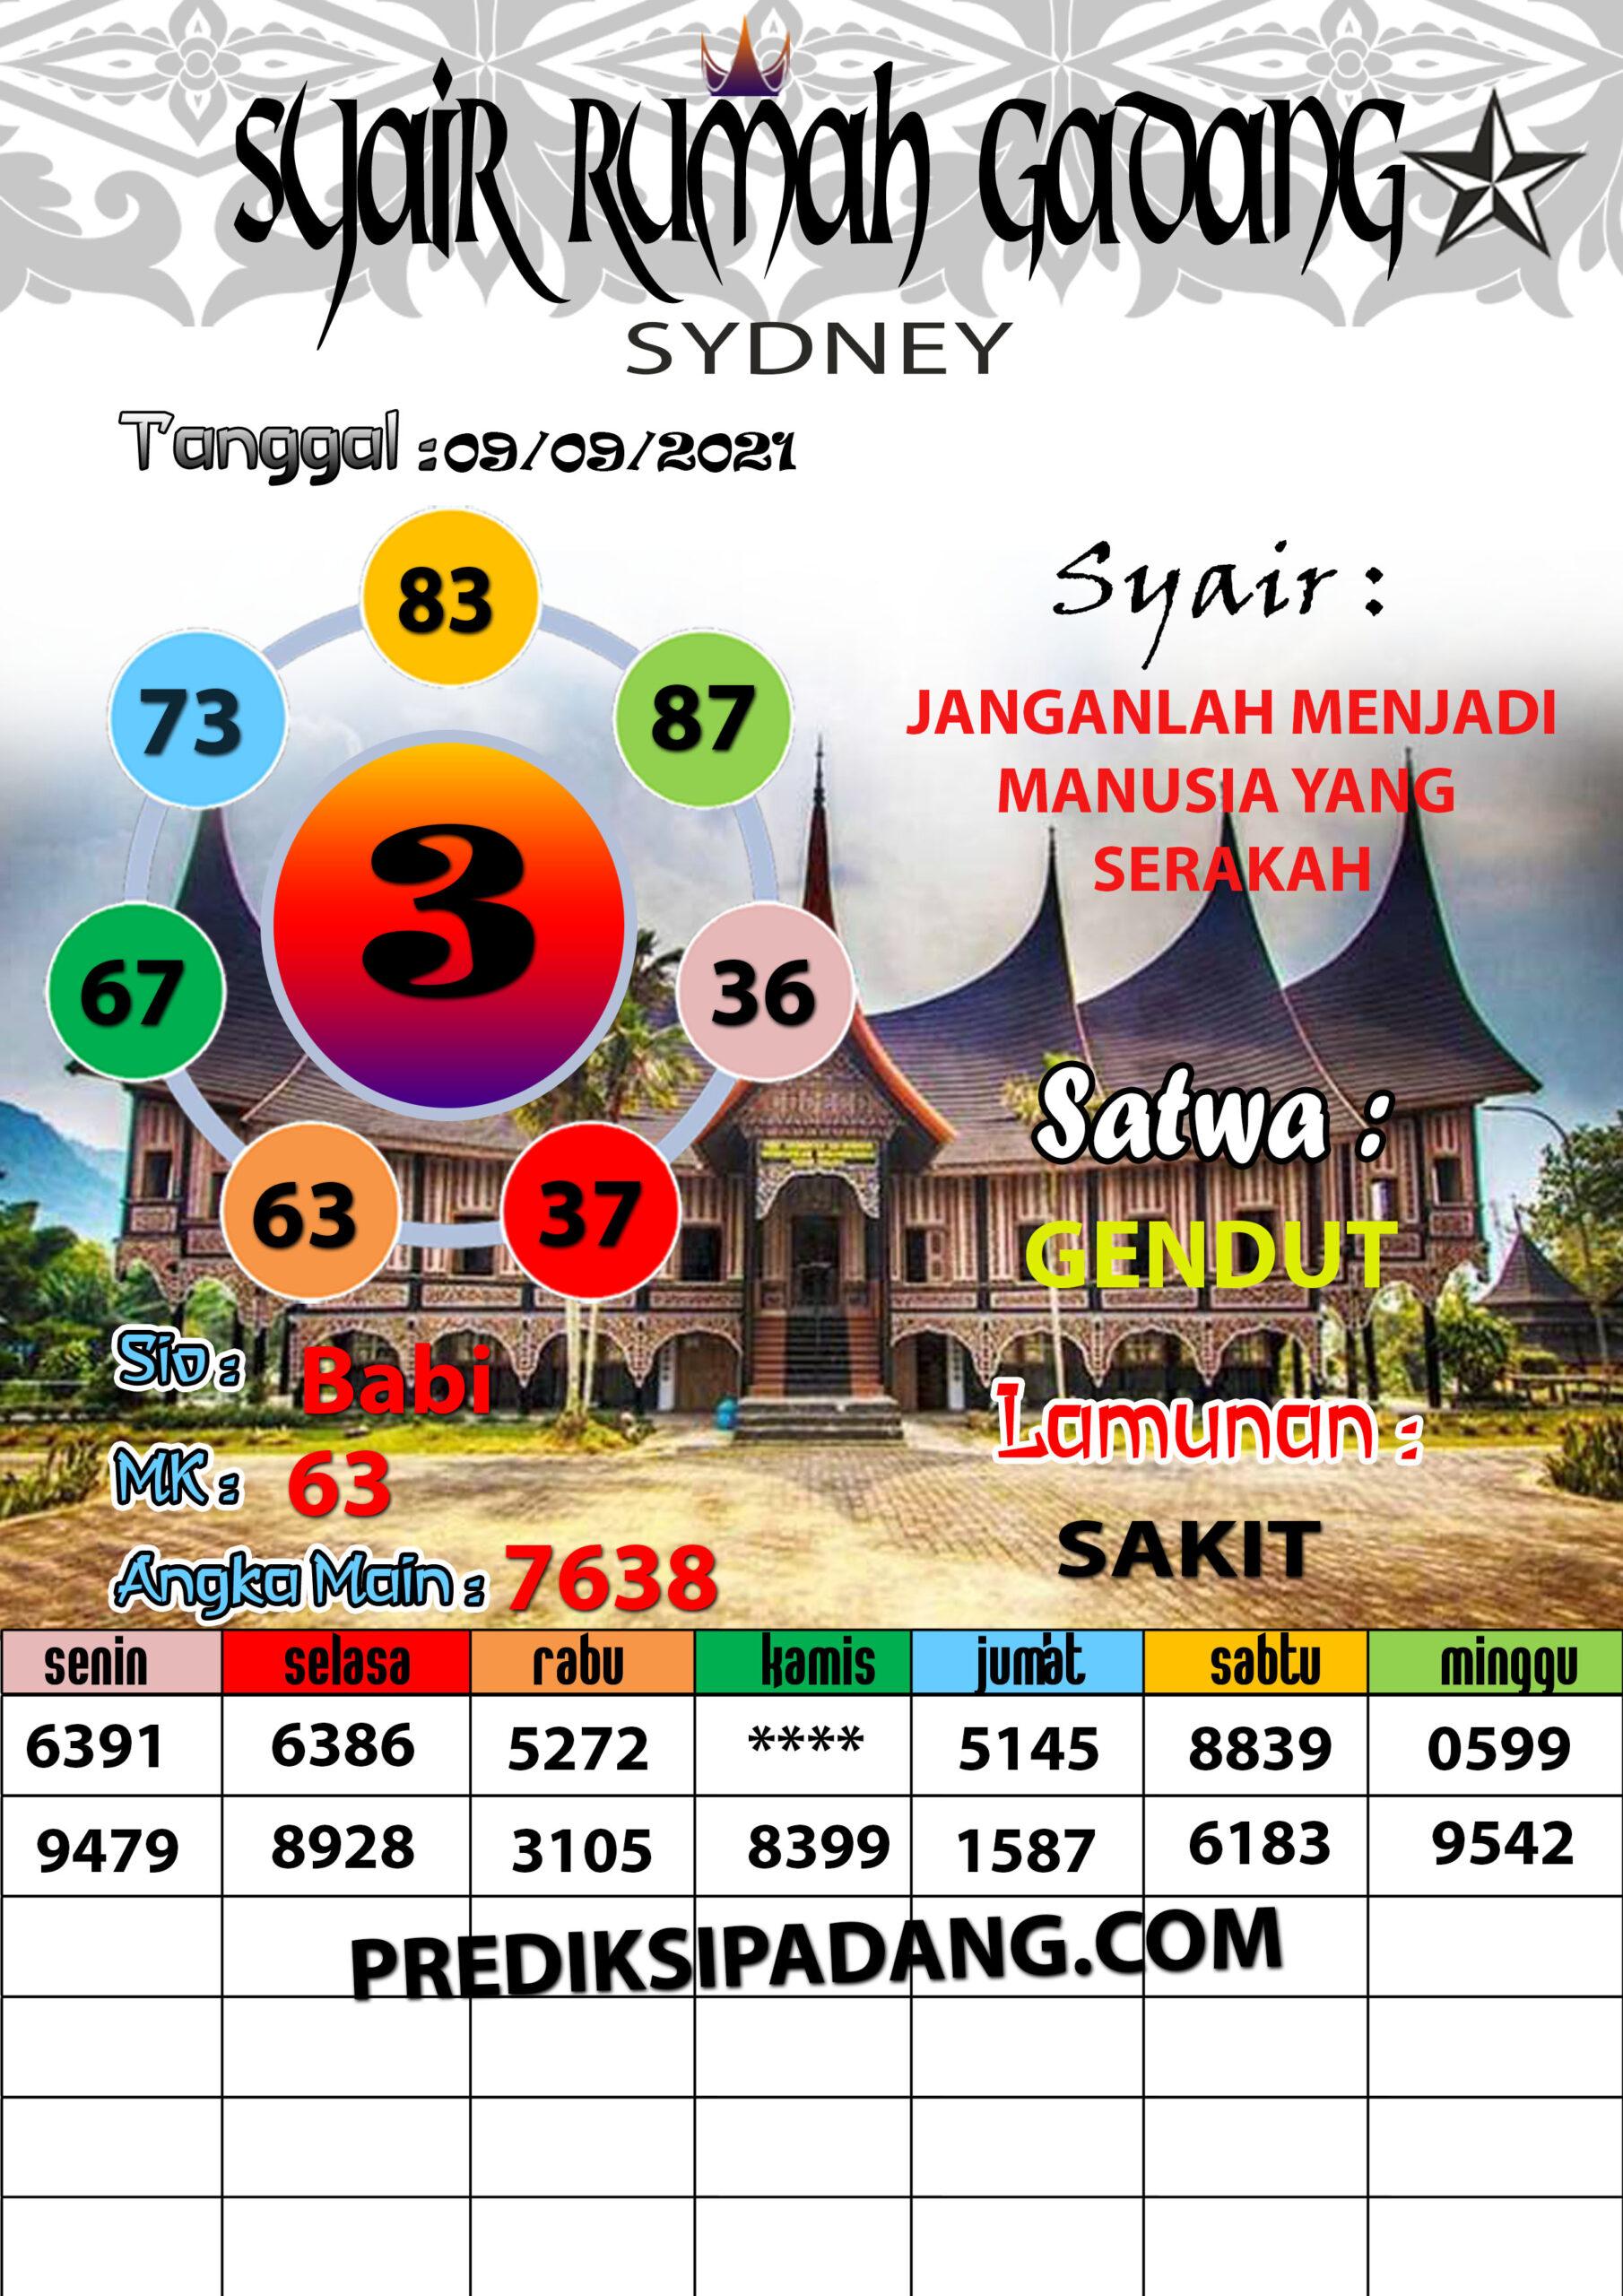 SYAIR SYDNEY HARI INI 09 Sept 2021